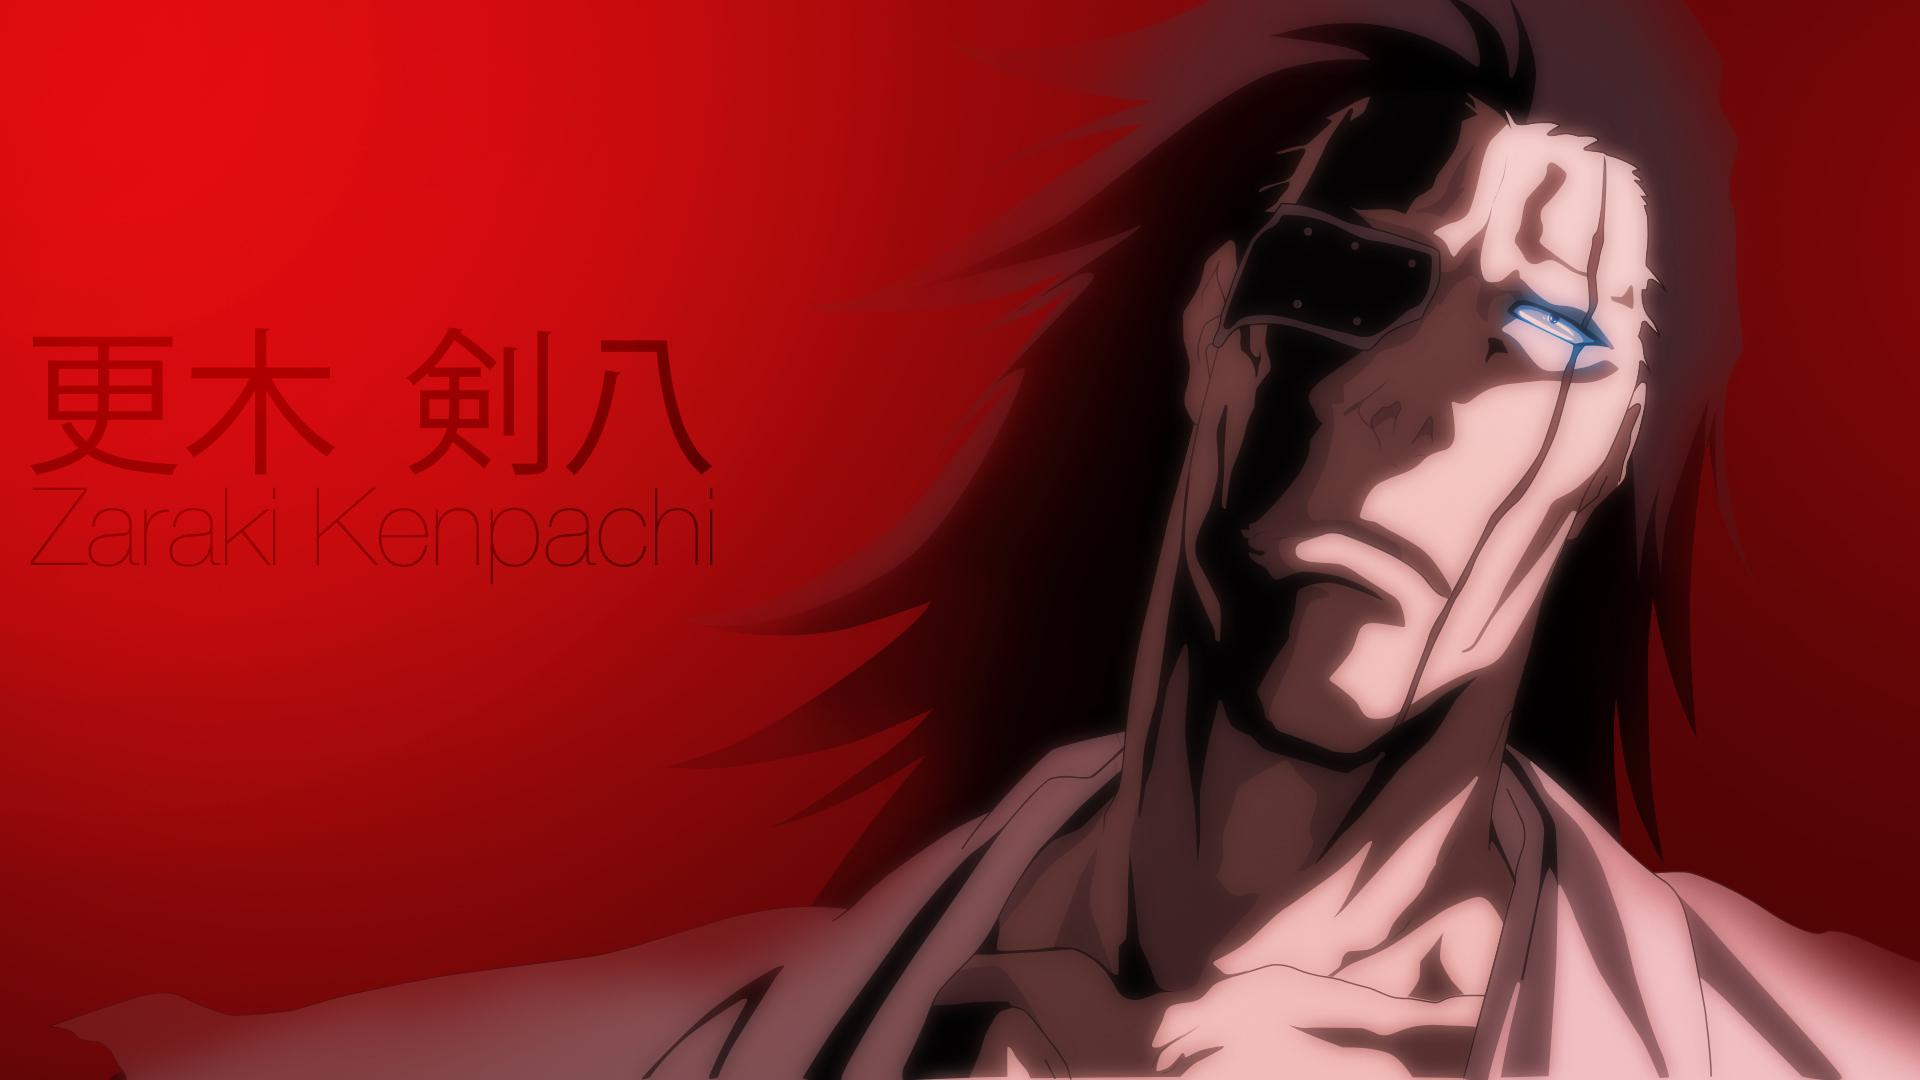 Zaraki Kenpachi by ImScrappY